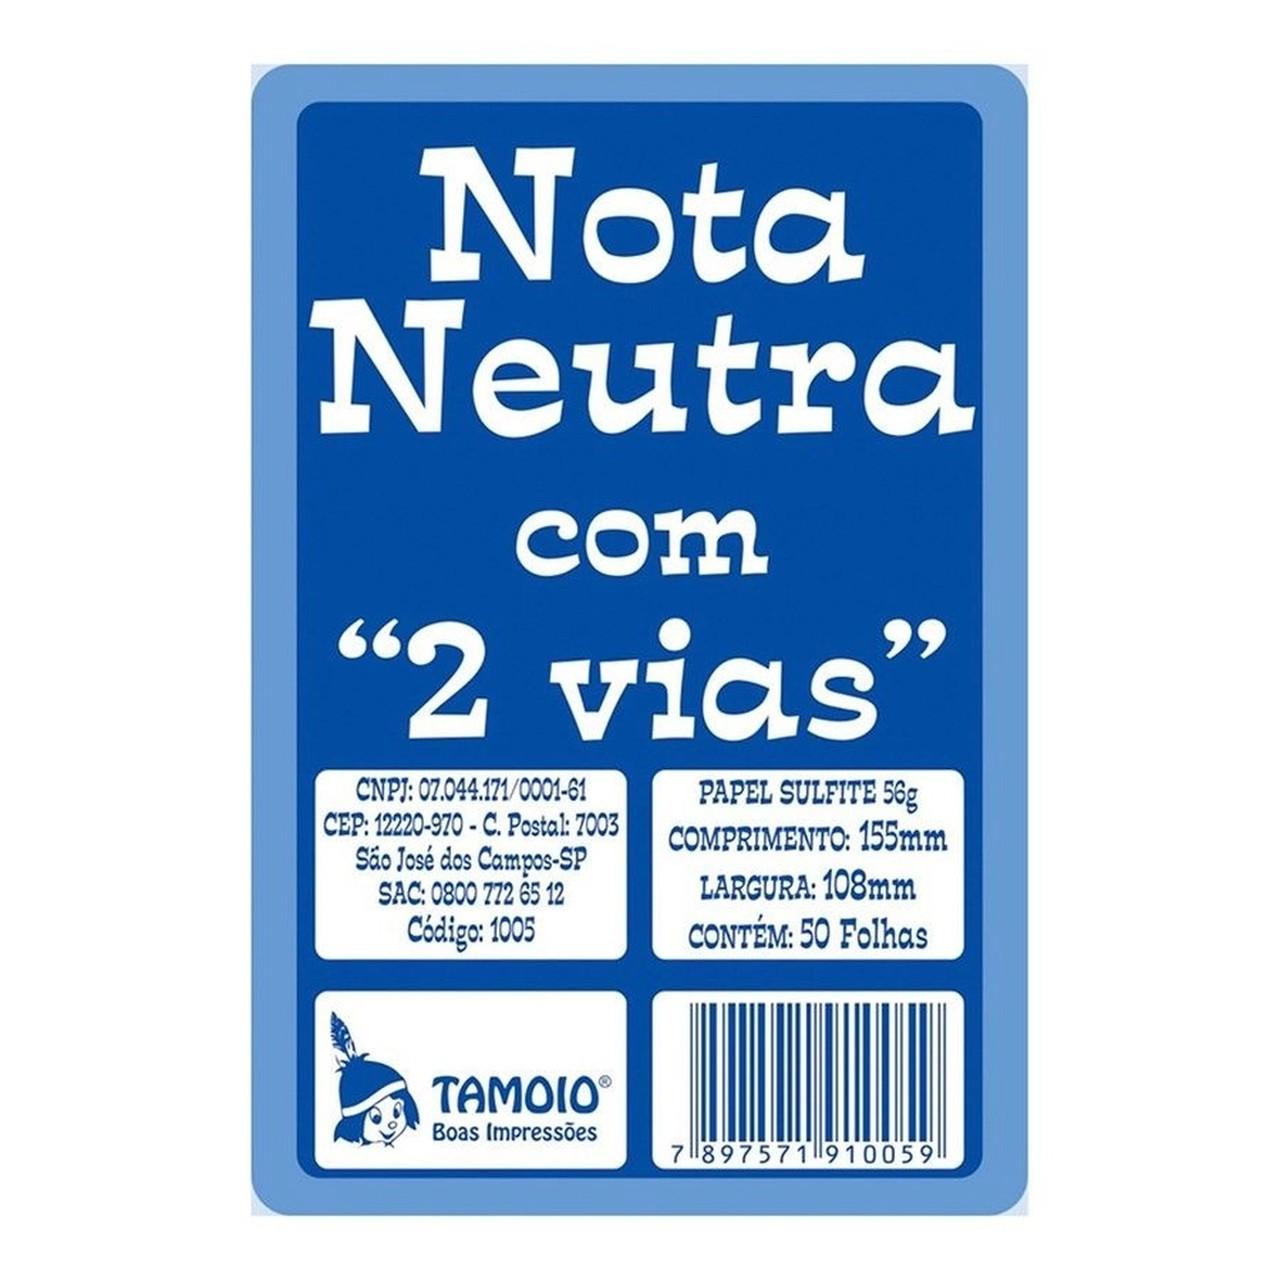 Nota Neutra com 2 Vias Com 50 folhas - Tamoio